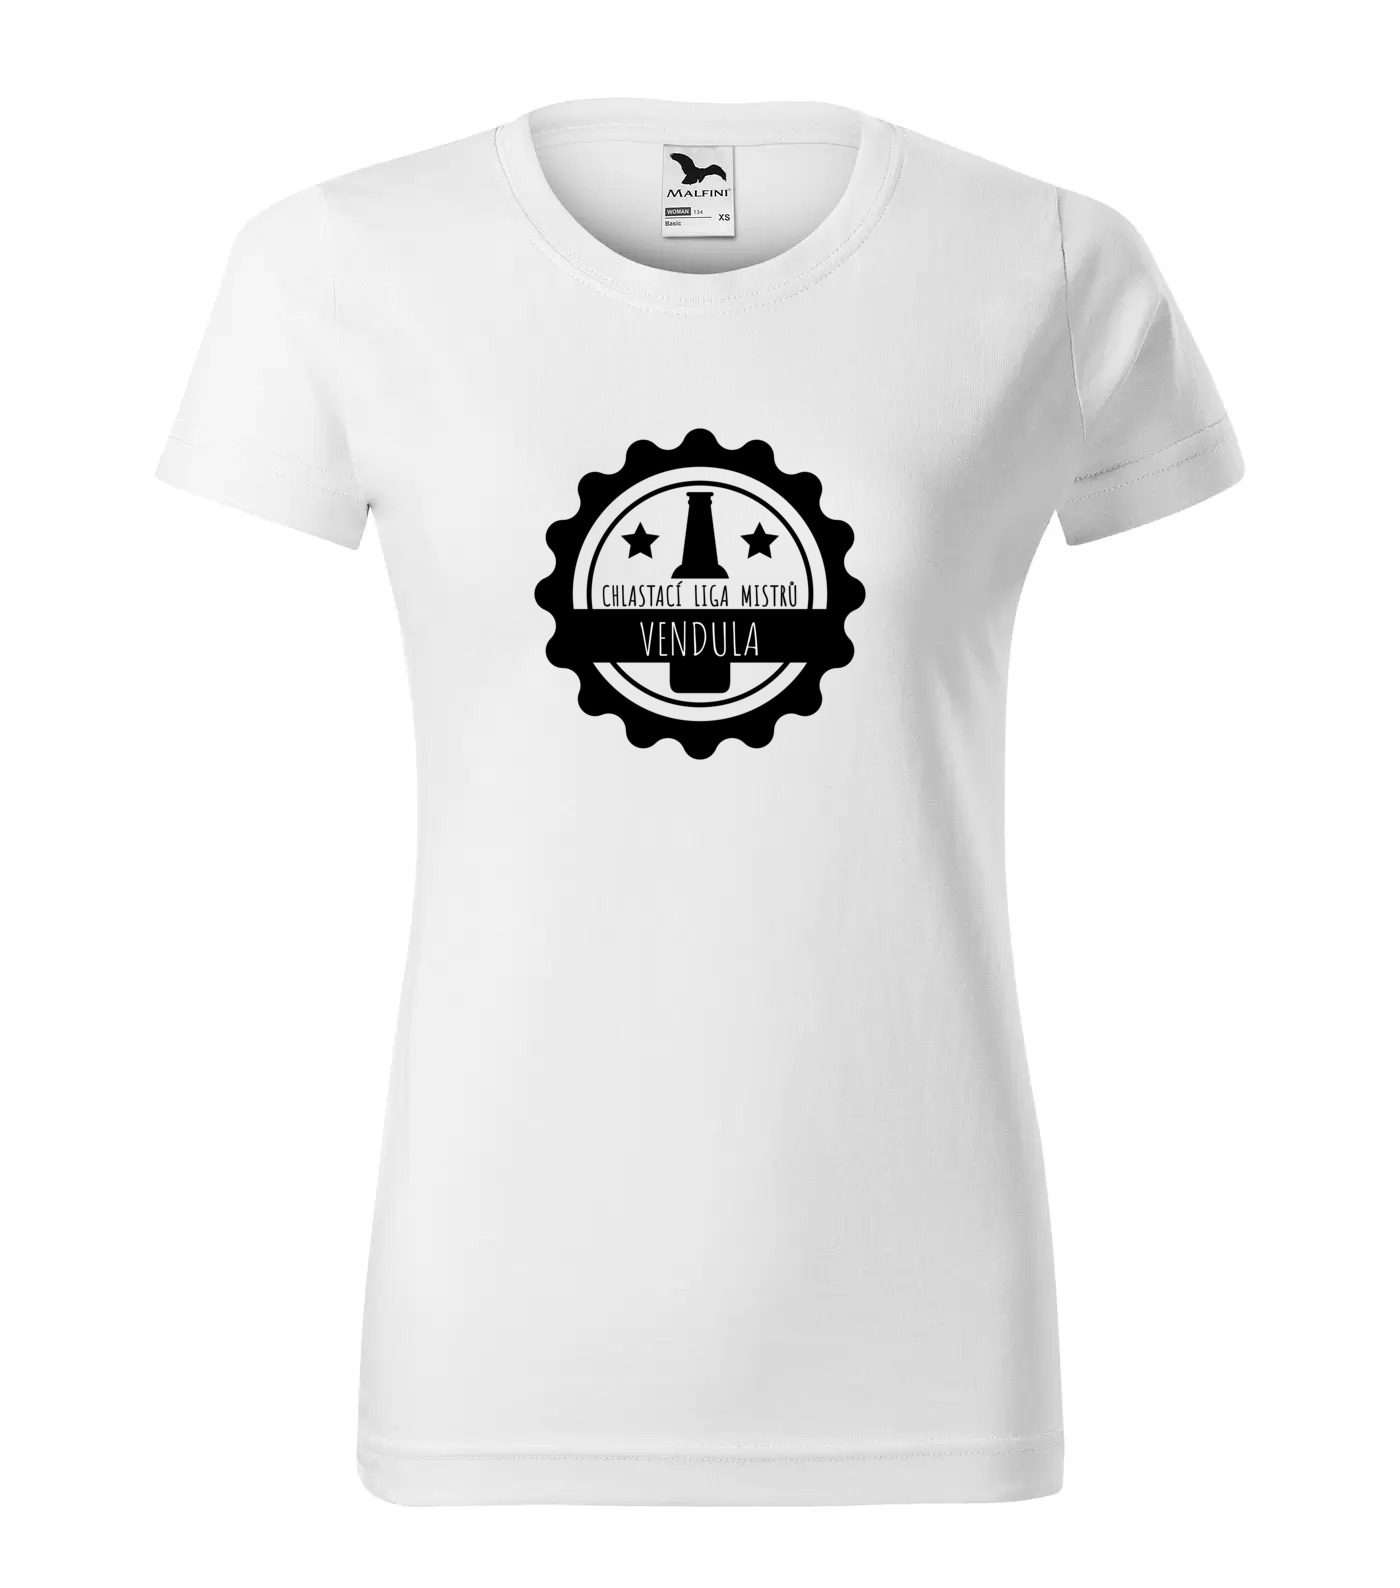 Tričko Chlastací liga žen Vendula